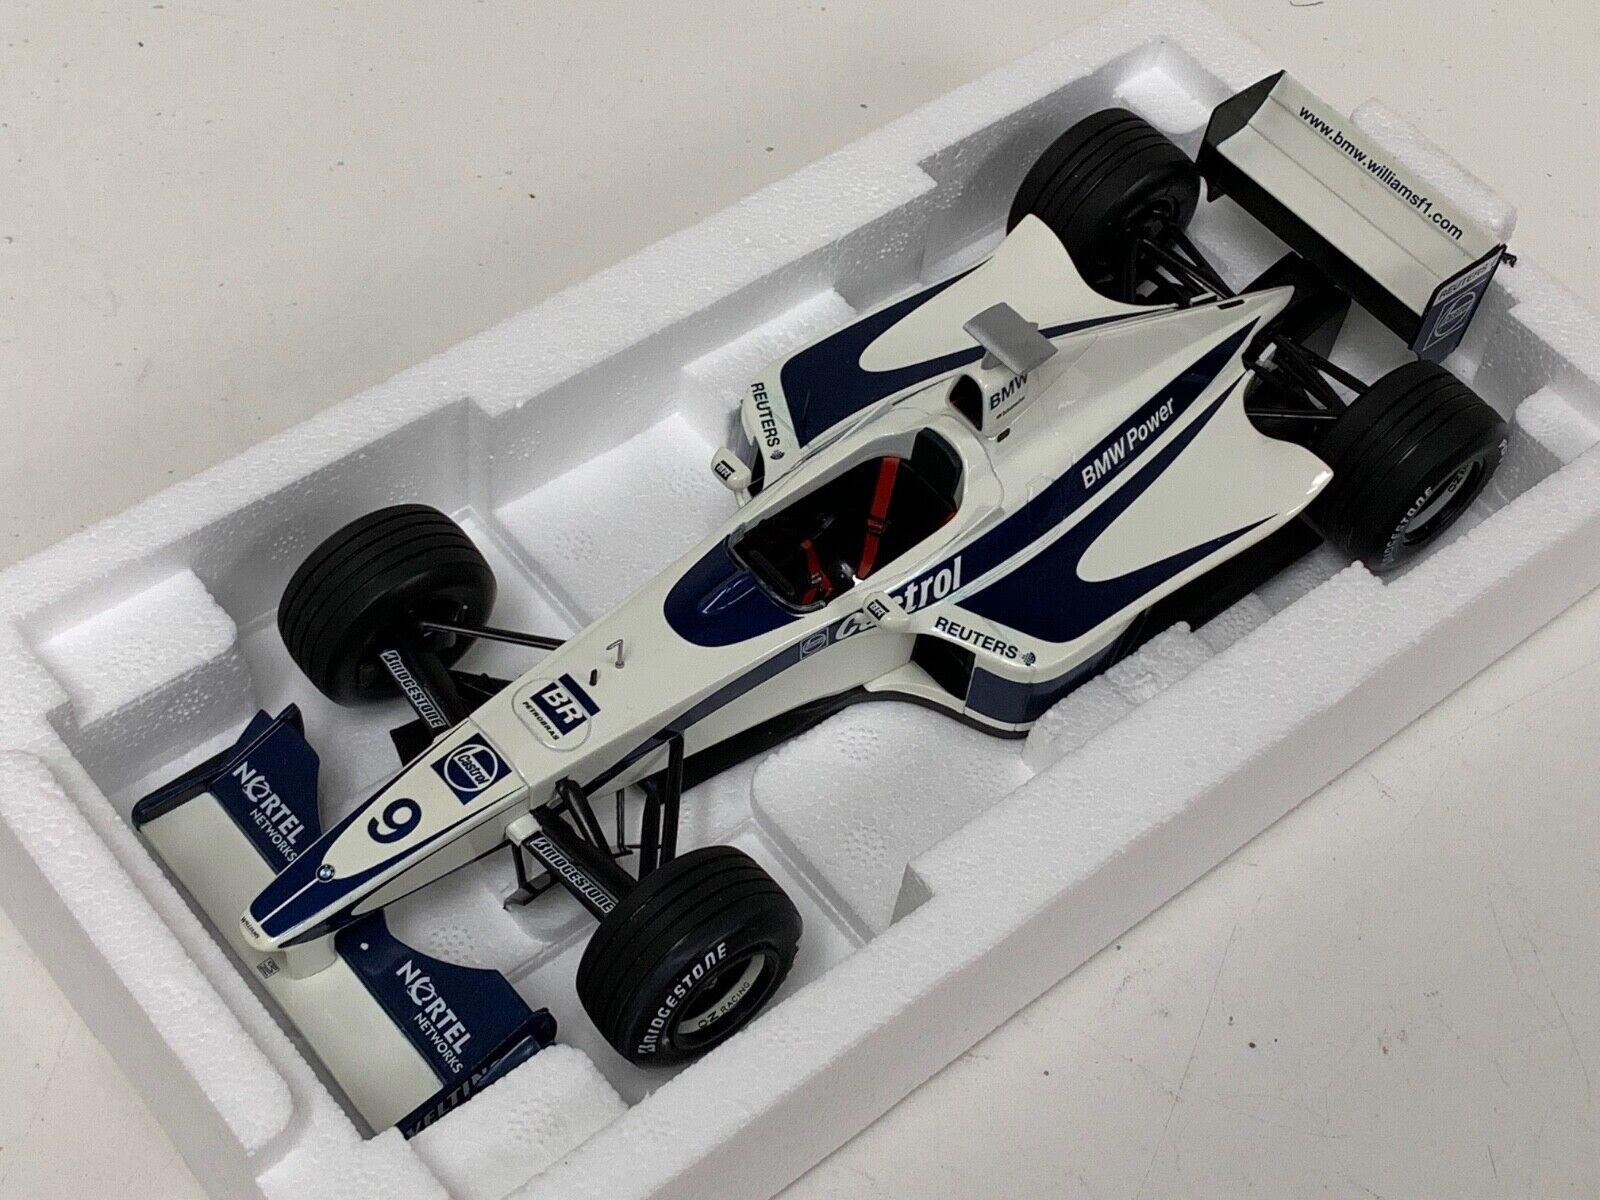 1 18 Minichamps Williams  Launch Car 2000  Ralf Schumacher 180 000099